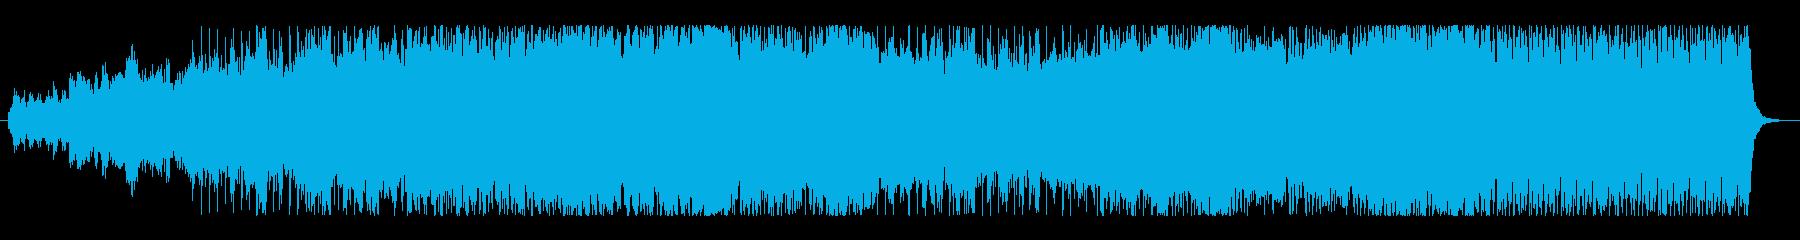 映画風・ケルトオーケストラ・トレーラーの再生済みの波形